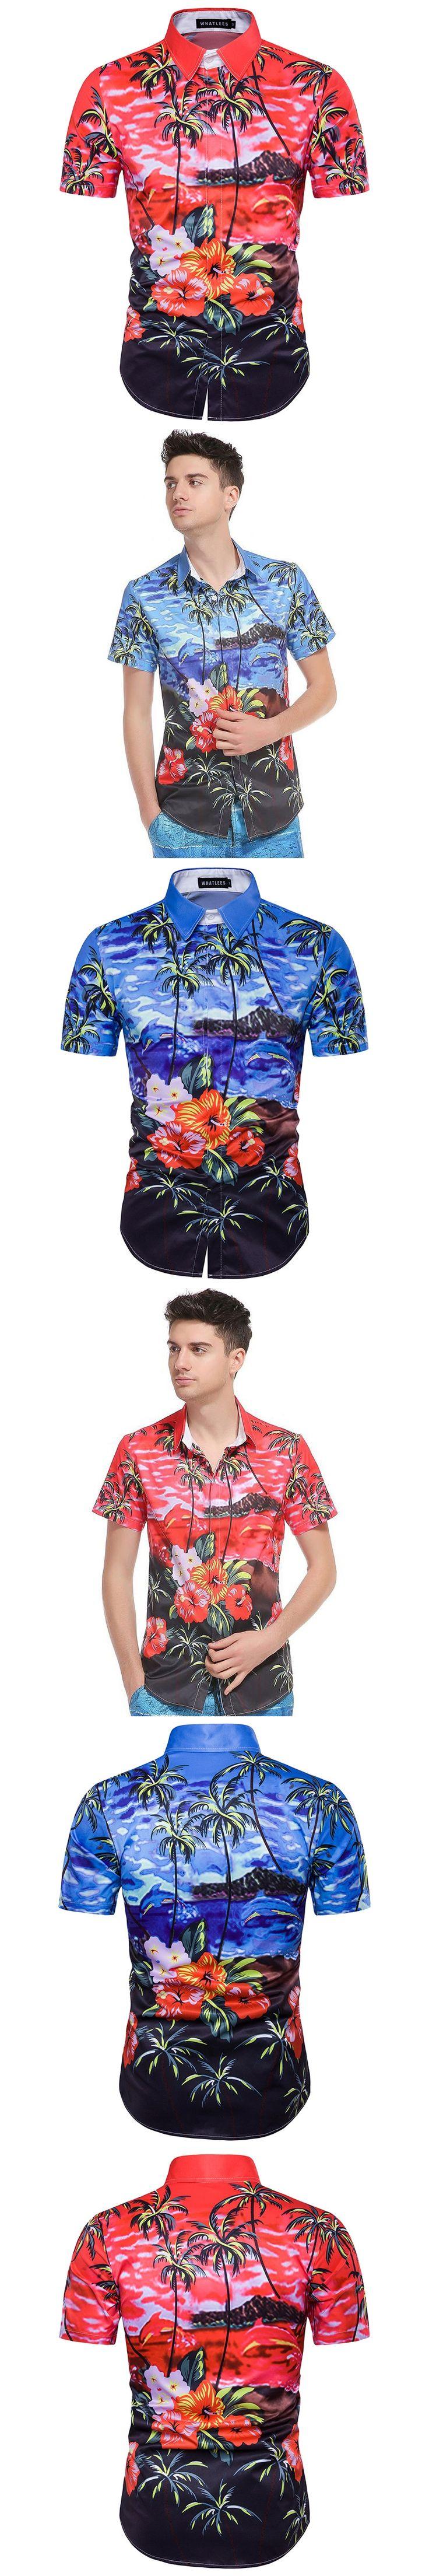 2017 Summer New Men Hawaii 3D Palm Tree Print Short Sleeve Shirt Fashion casual Flower Shirt Camisa Sandy Beach men shirt